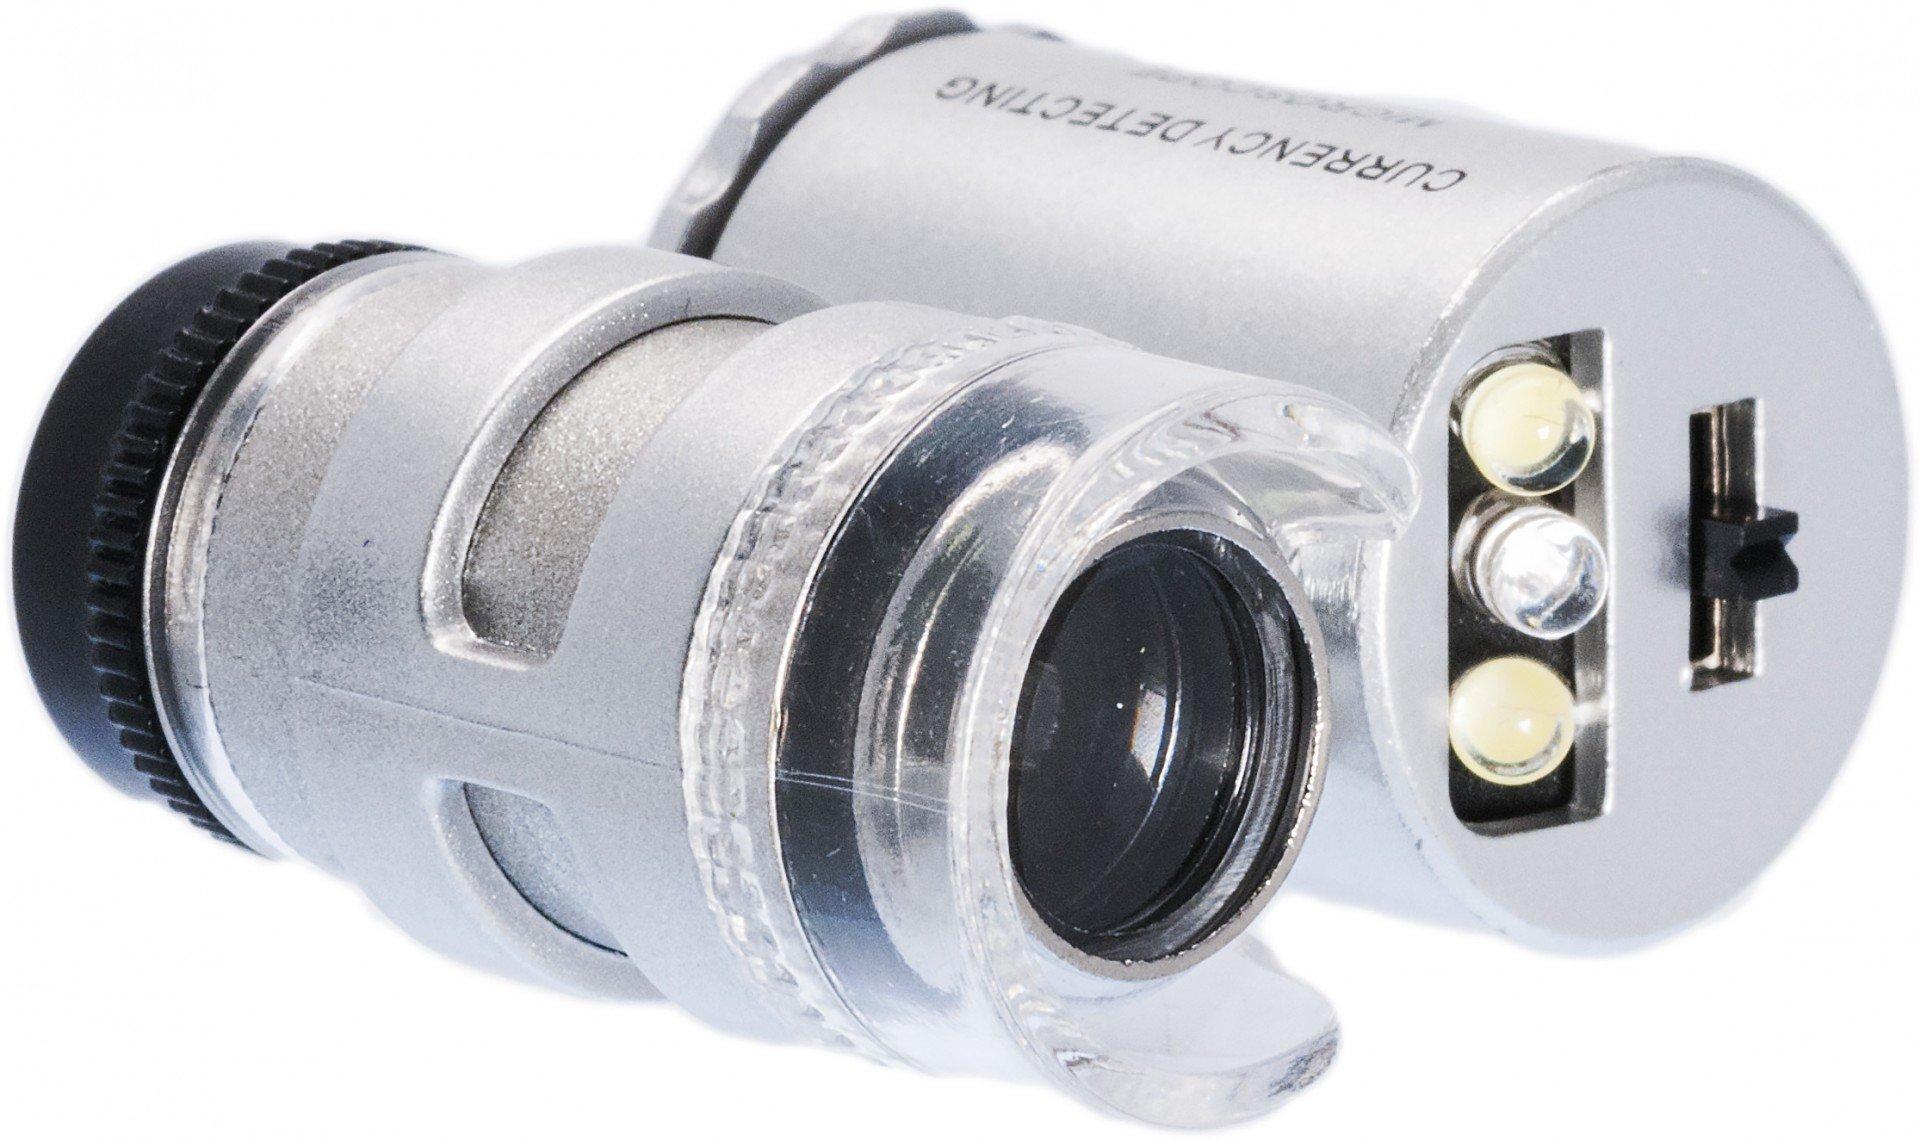 Карманный микроскоп с 60-кратным увеличением, с подсветкой